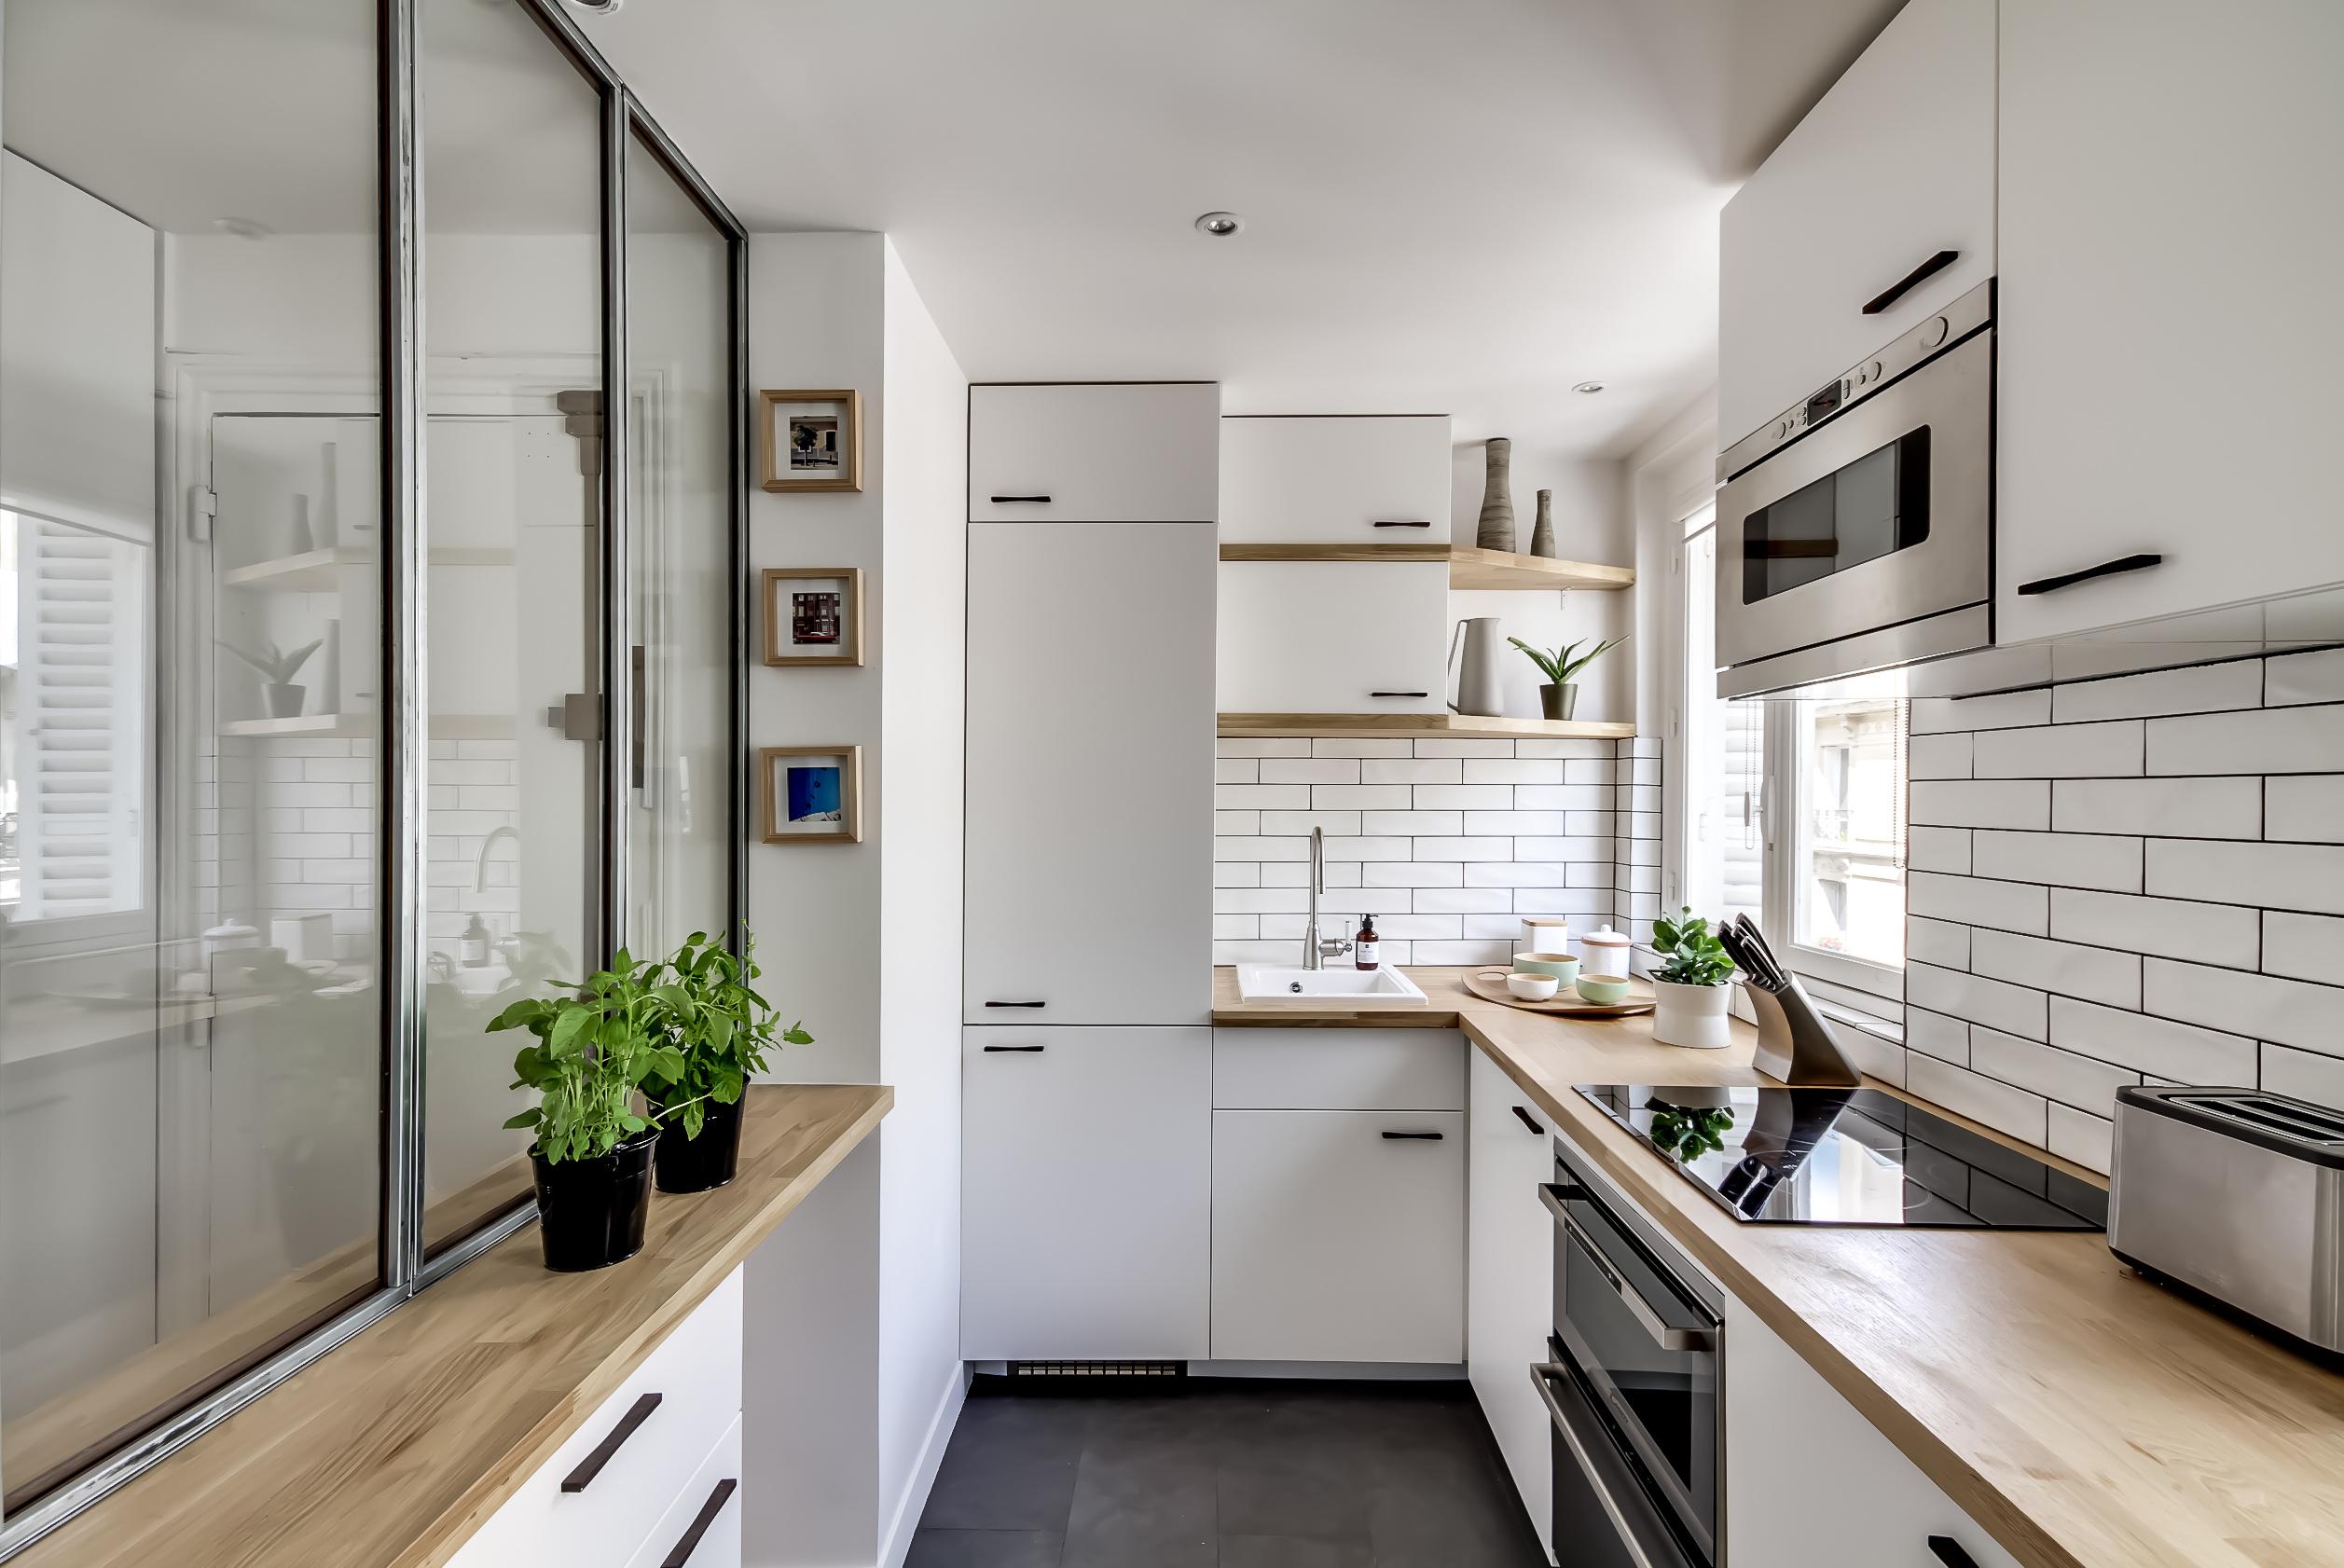 apartamento_38_metros_en_paris_atelier_daaa_132923949_2514x1682